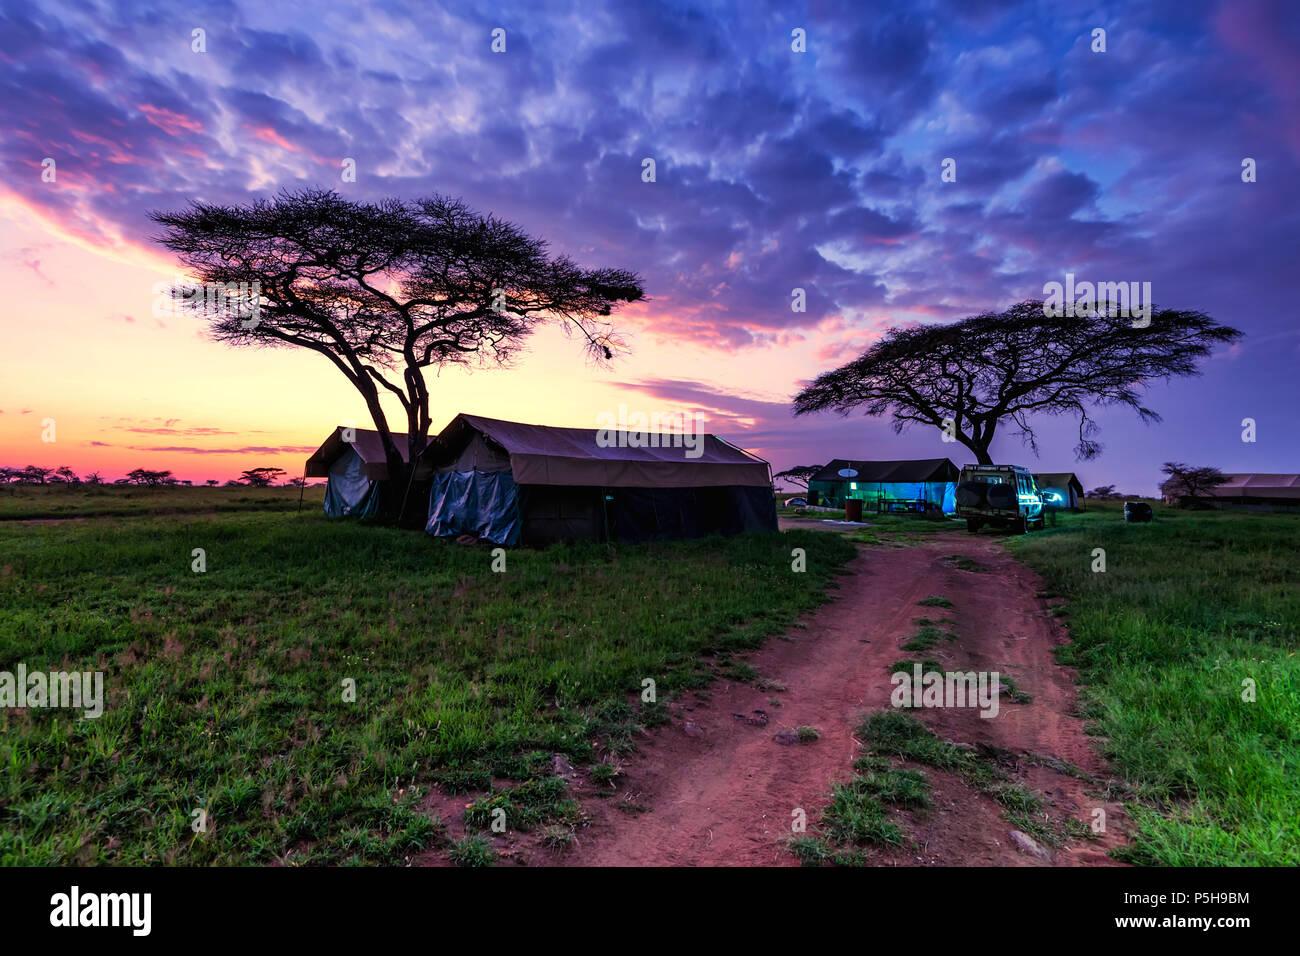 Expedición de la noche a la mañana en tiendas de campaña en el campamento de la sabana Imagen De Stock